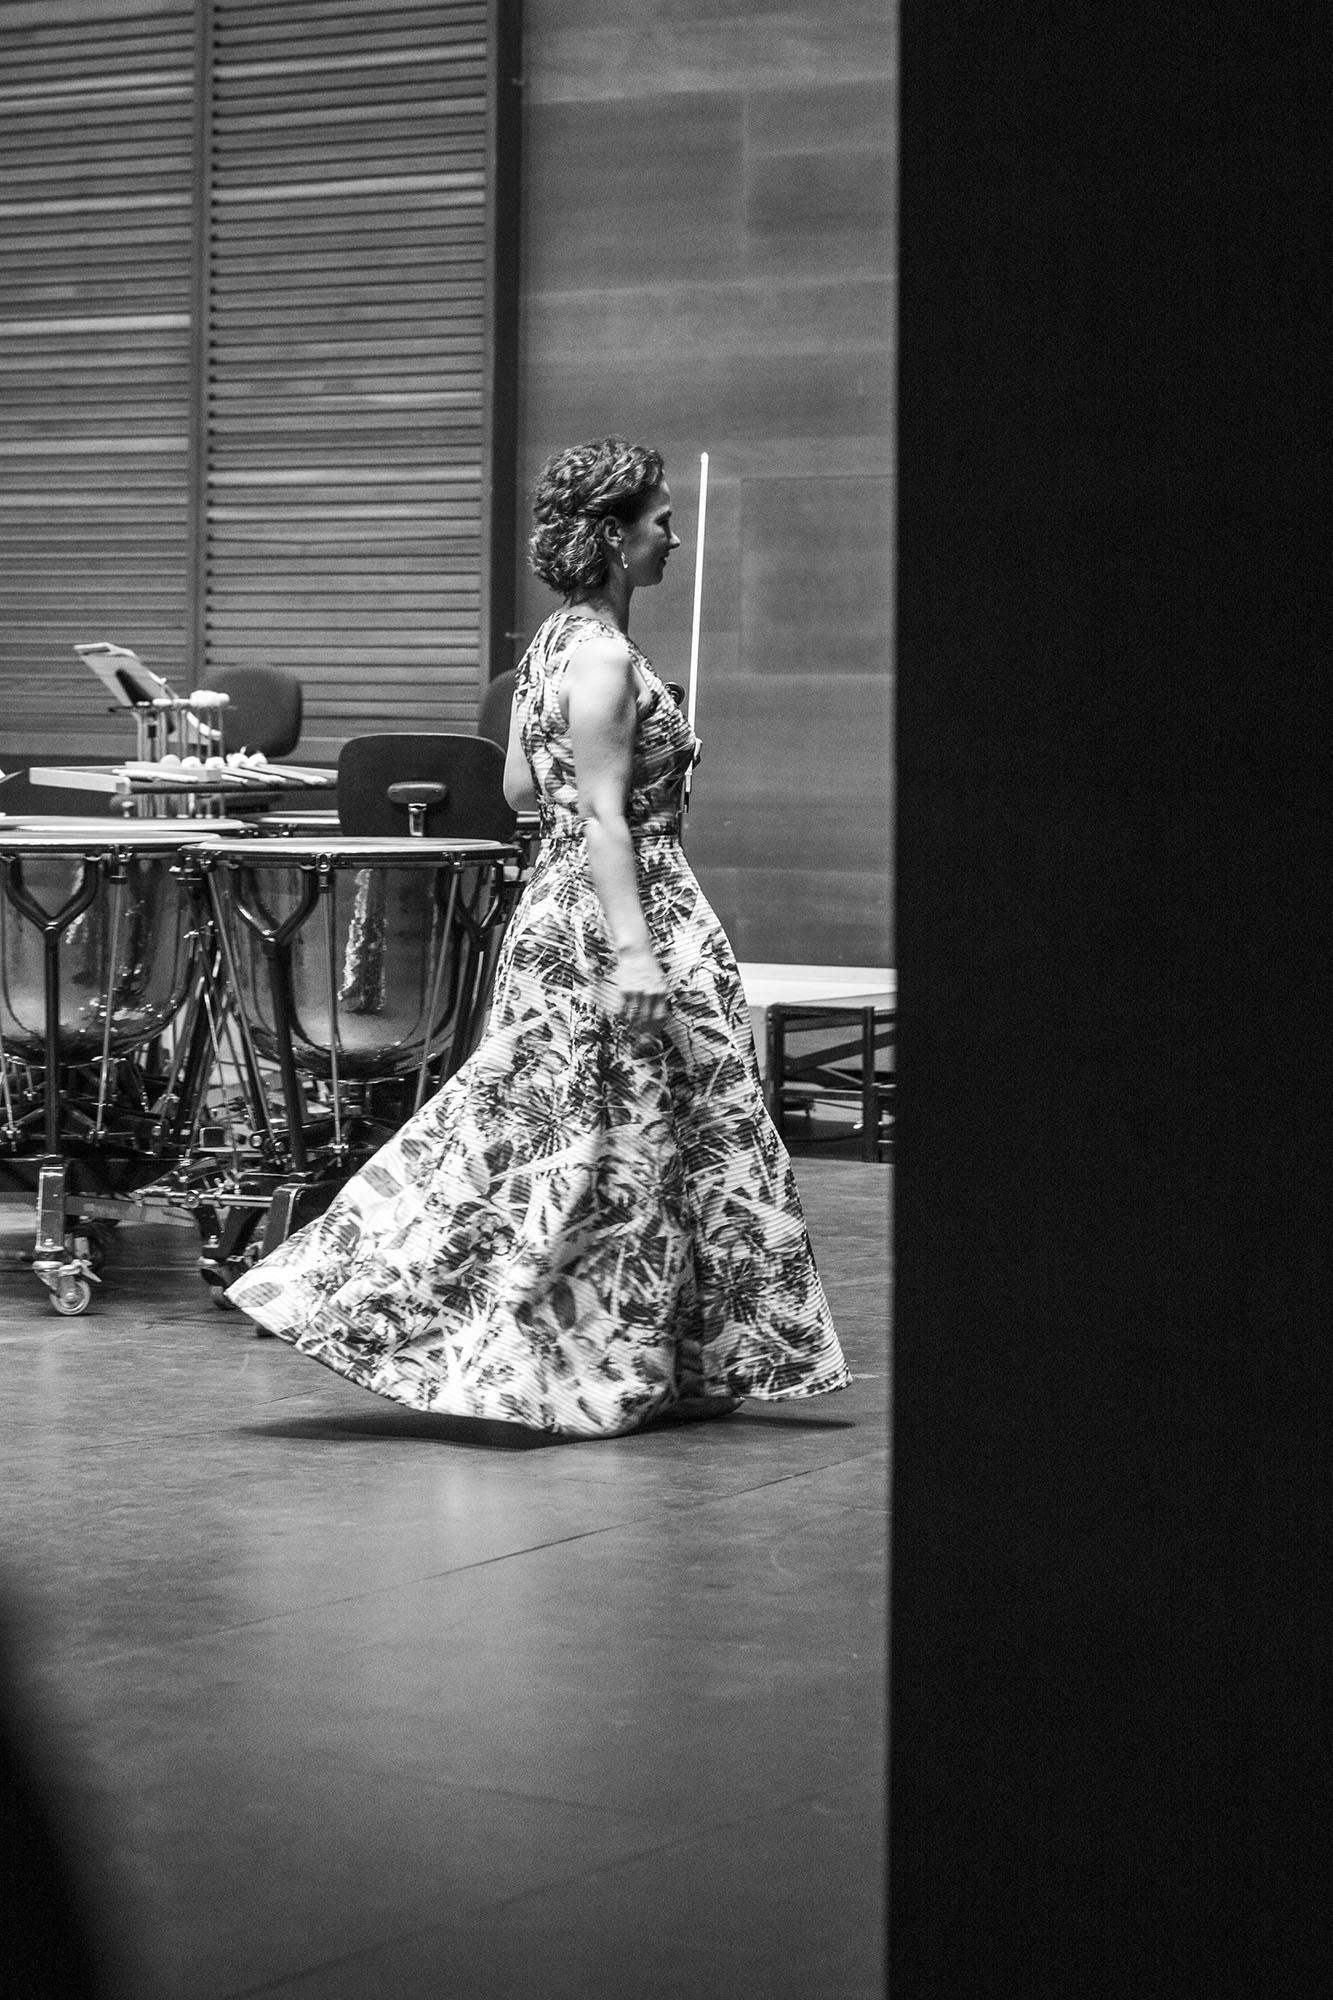 Die Deutsche Kammerphilharmonie Bremen (In Tune – Variations on an Orchestra)